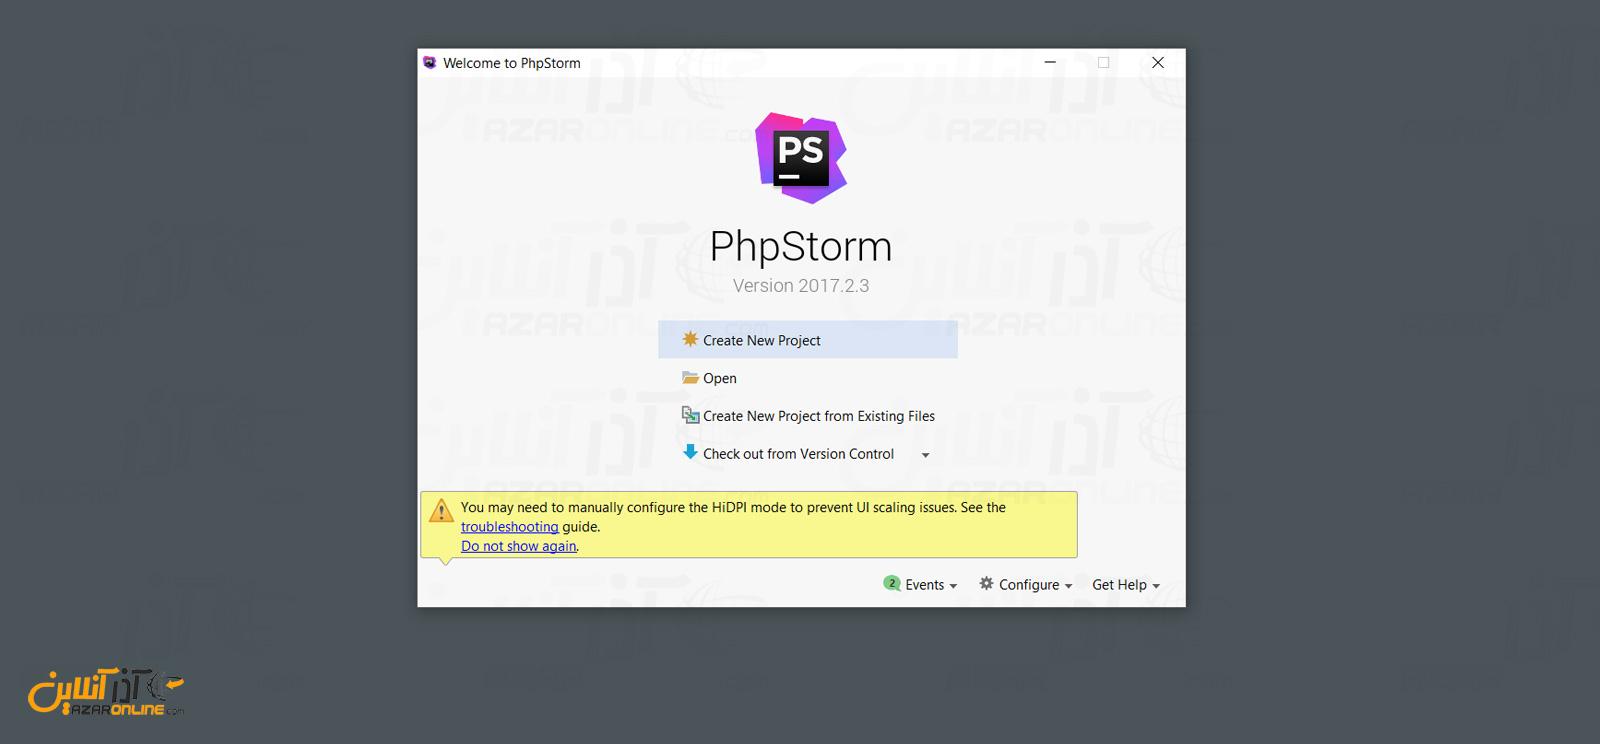 باز کردن یک پروژه جدید در phpstorm